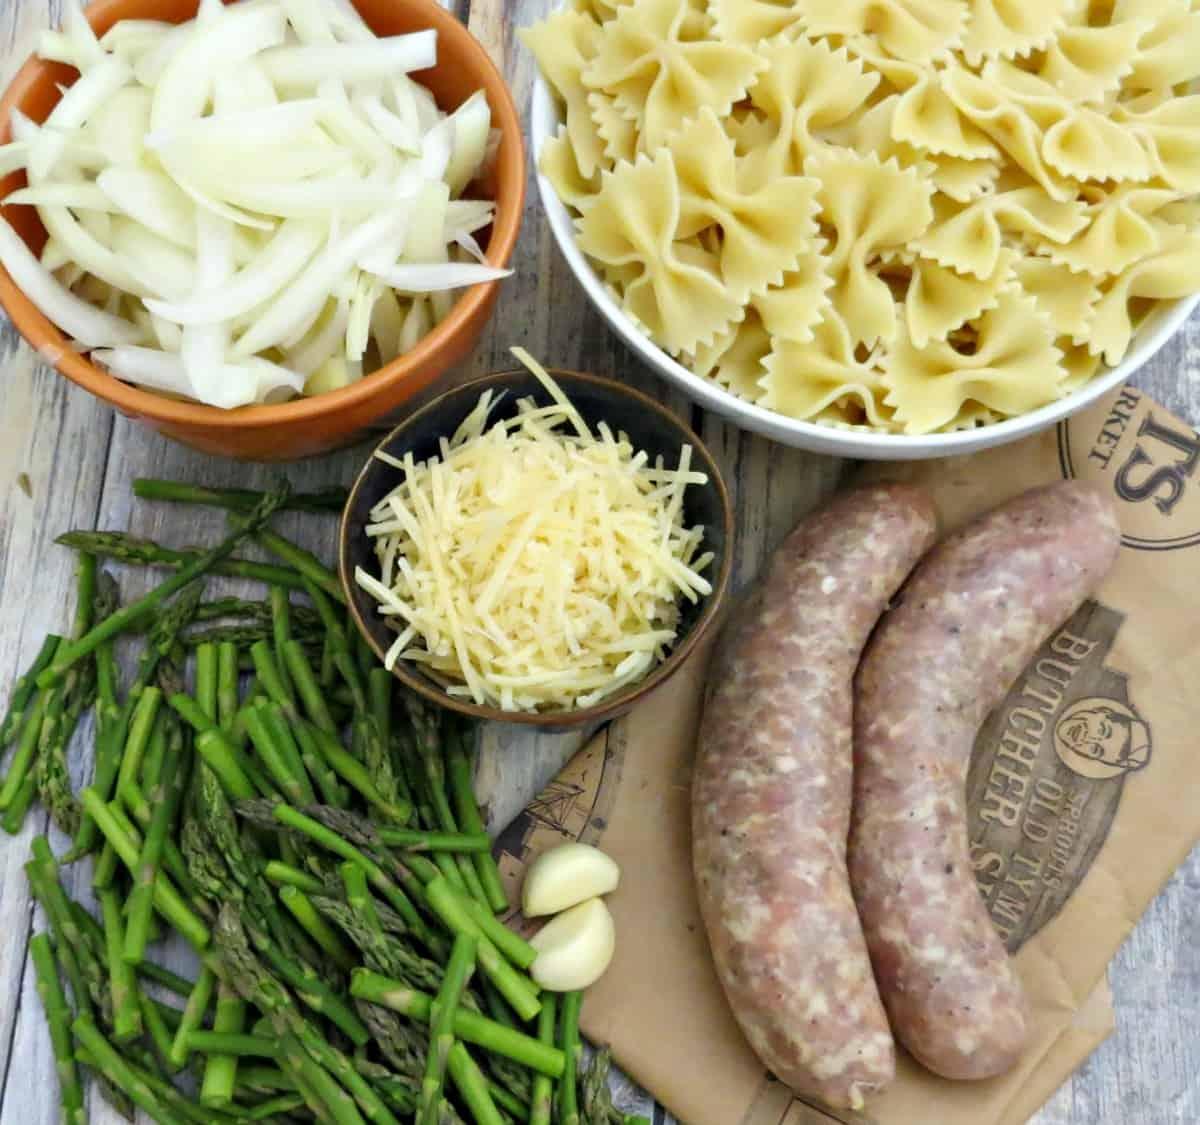 Bowtie Pasta with Chicken Italian Sausage - Ingredients